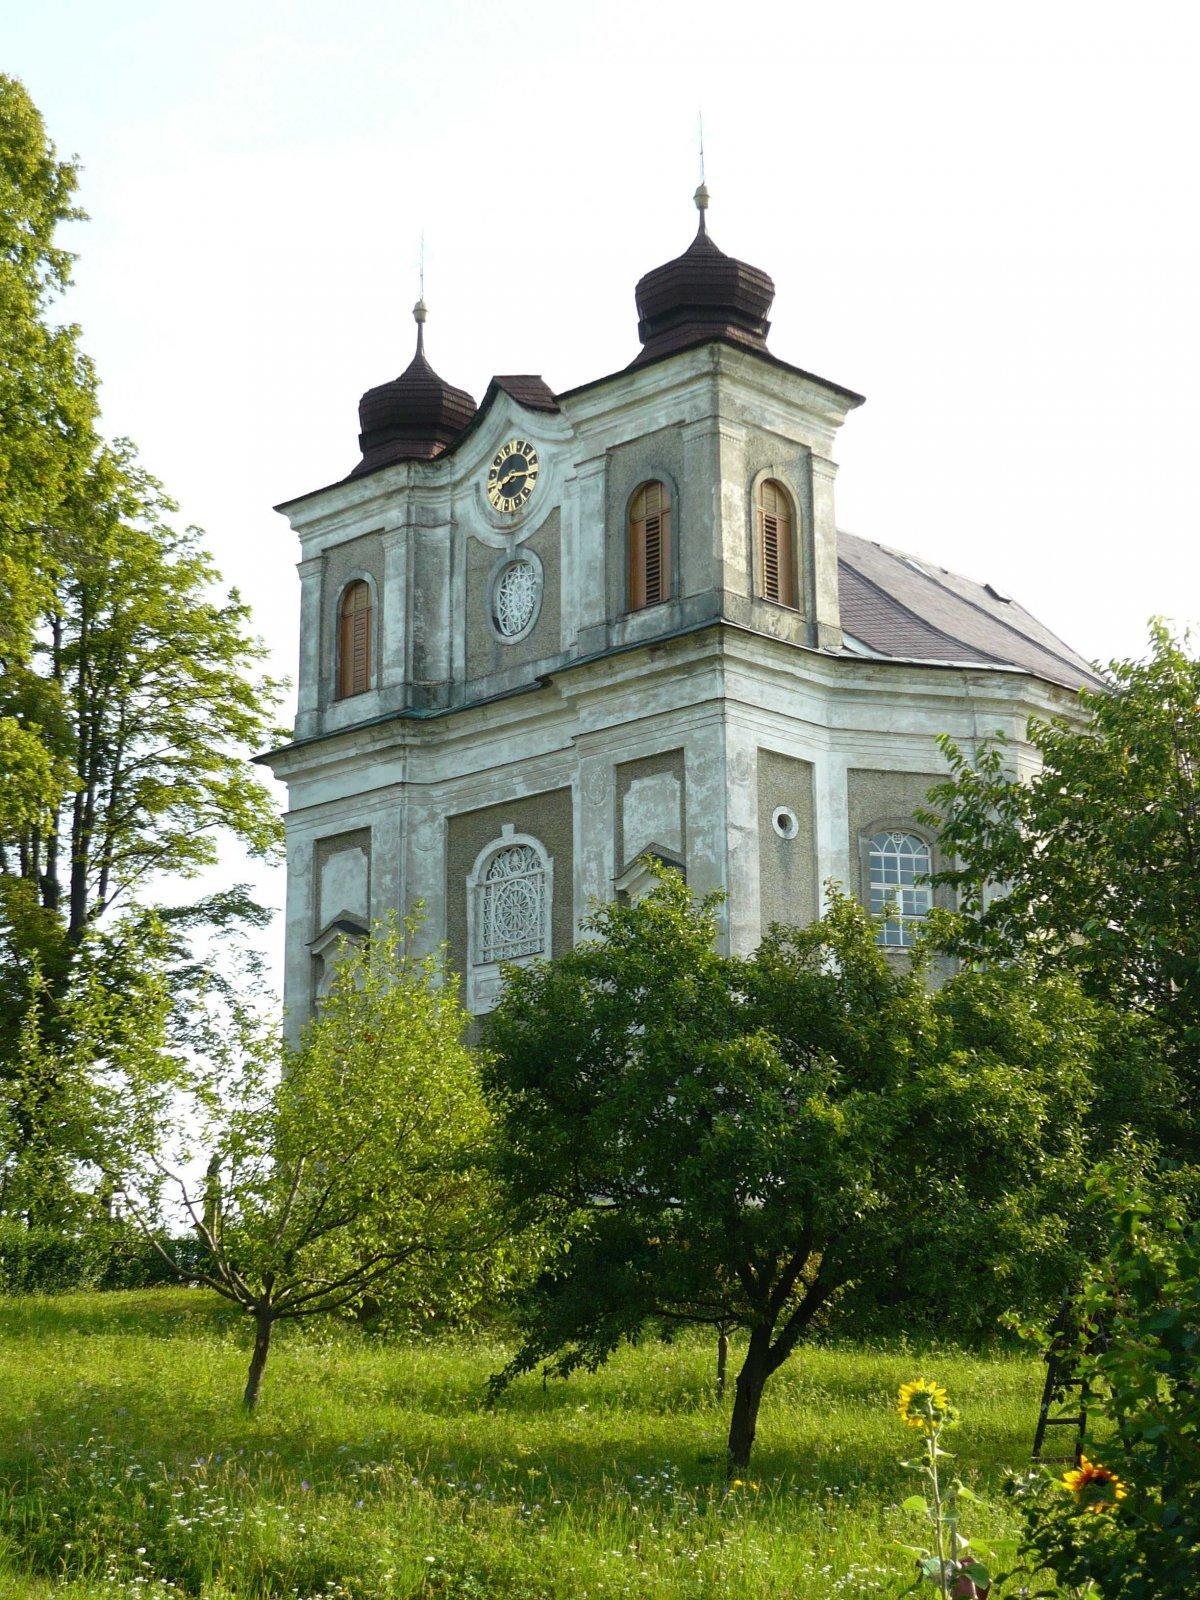 Kilian Ignaz Dientzenhofer: Entwurf für den Bau der Pfarrkirche St. Prokop, 1724 - 1727